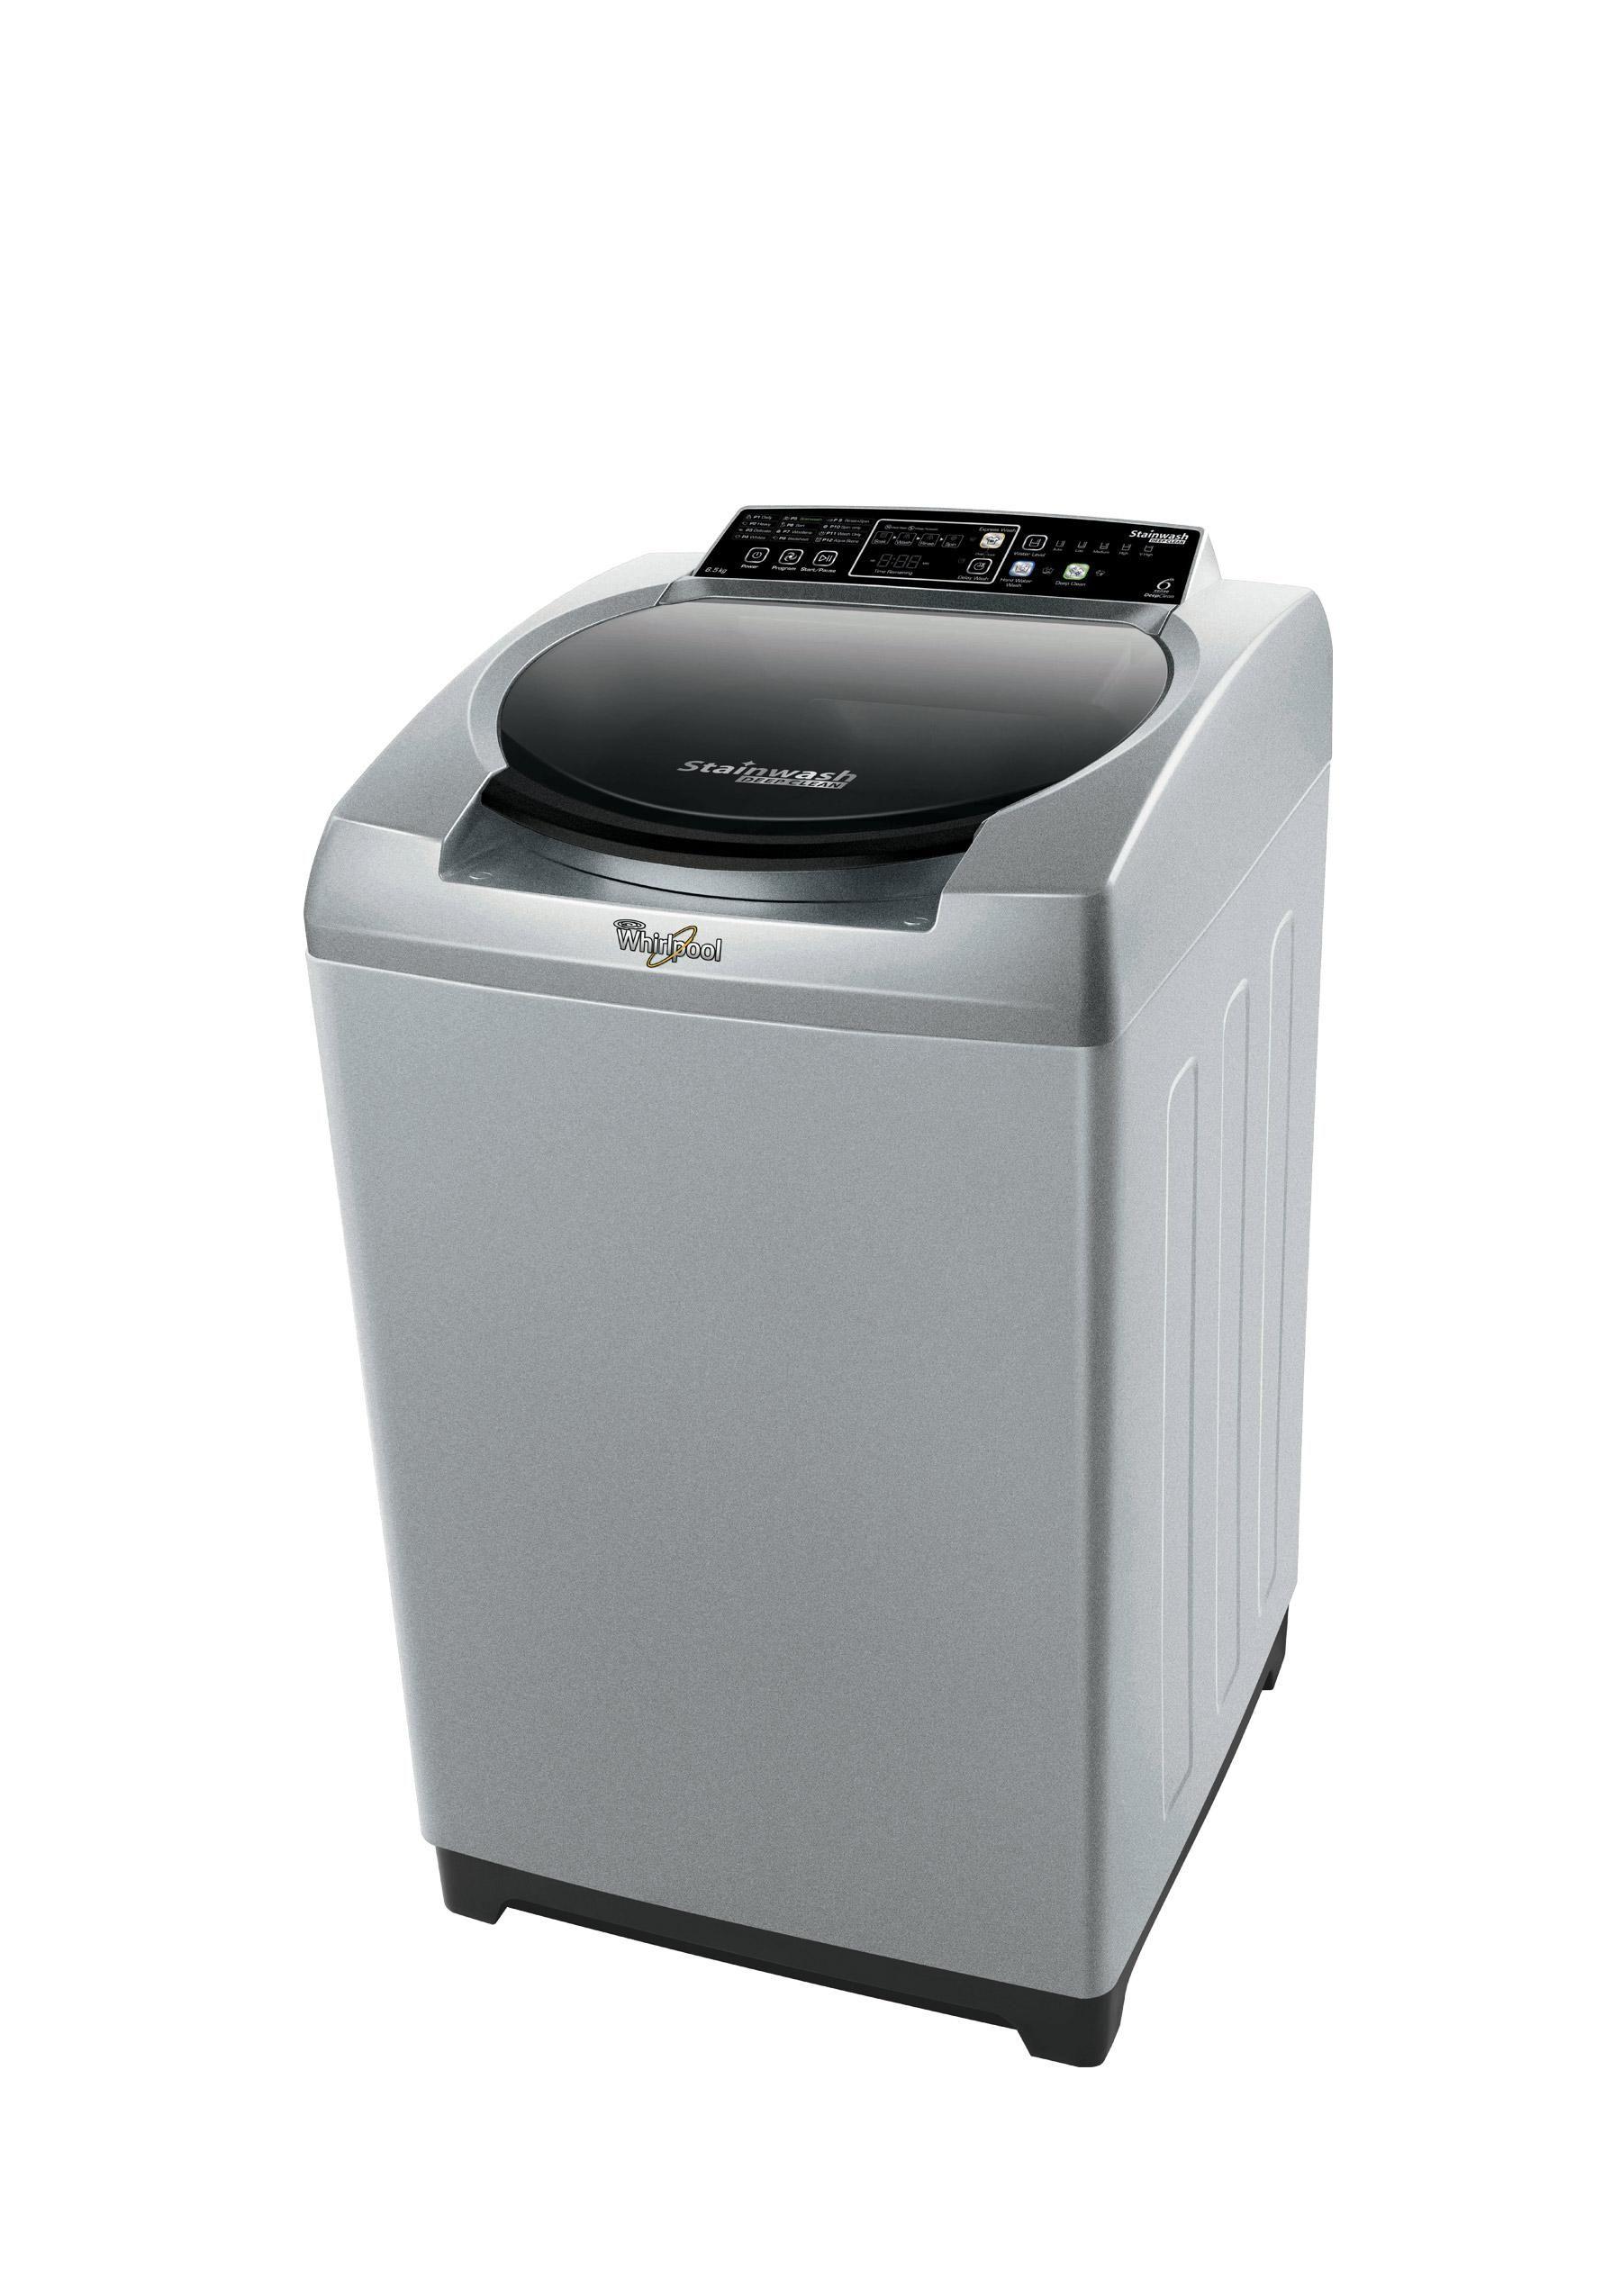 Buy whirlpool washing machine online india buy whirlpool